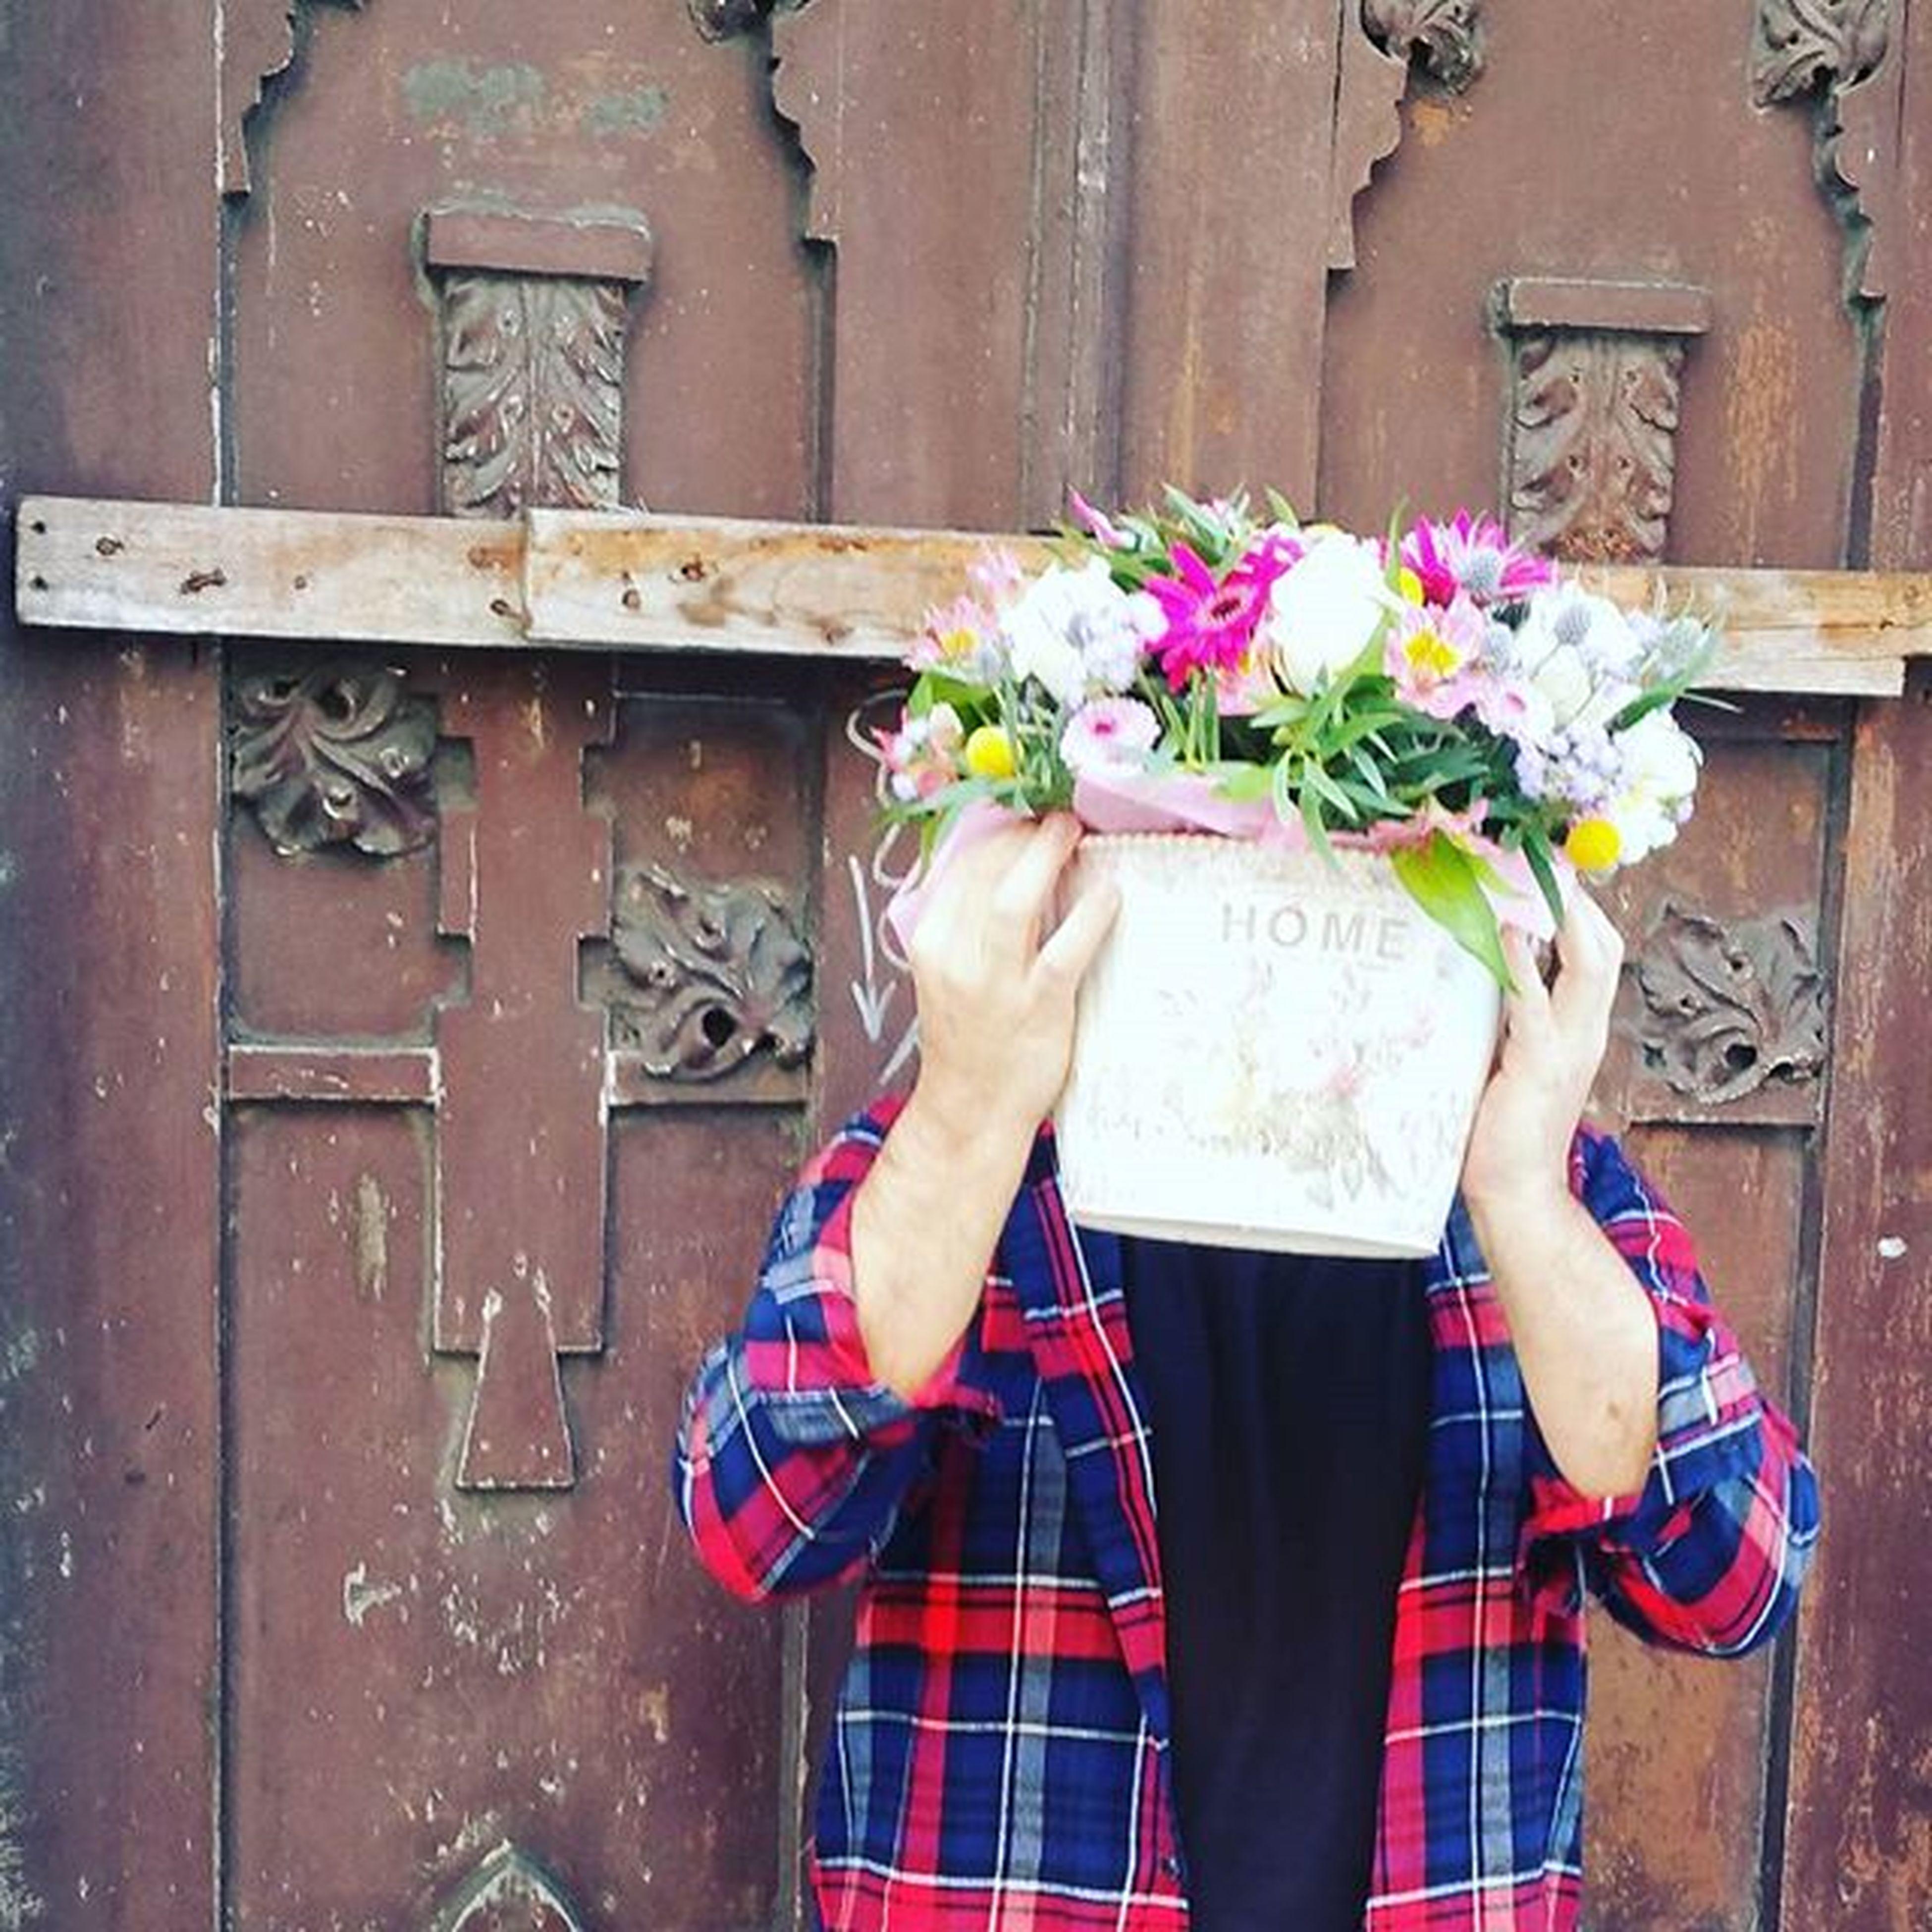 Domingo de reparto. Alegrandolosdomingos Domingo Flowersunday Sunday Vigo SPAIN Galifornia Instavigo Man Florist Flowers Fleurs Fiori Blumen Alea Delivery Deliveryflowers